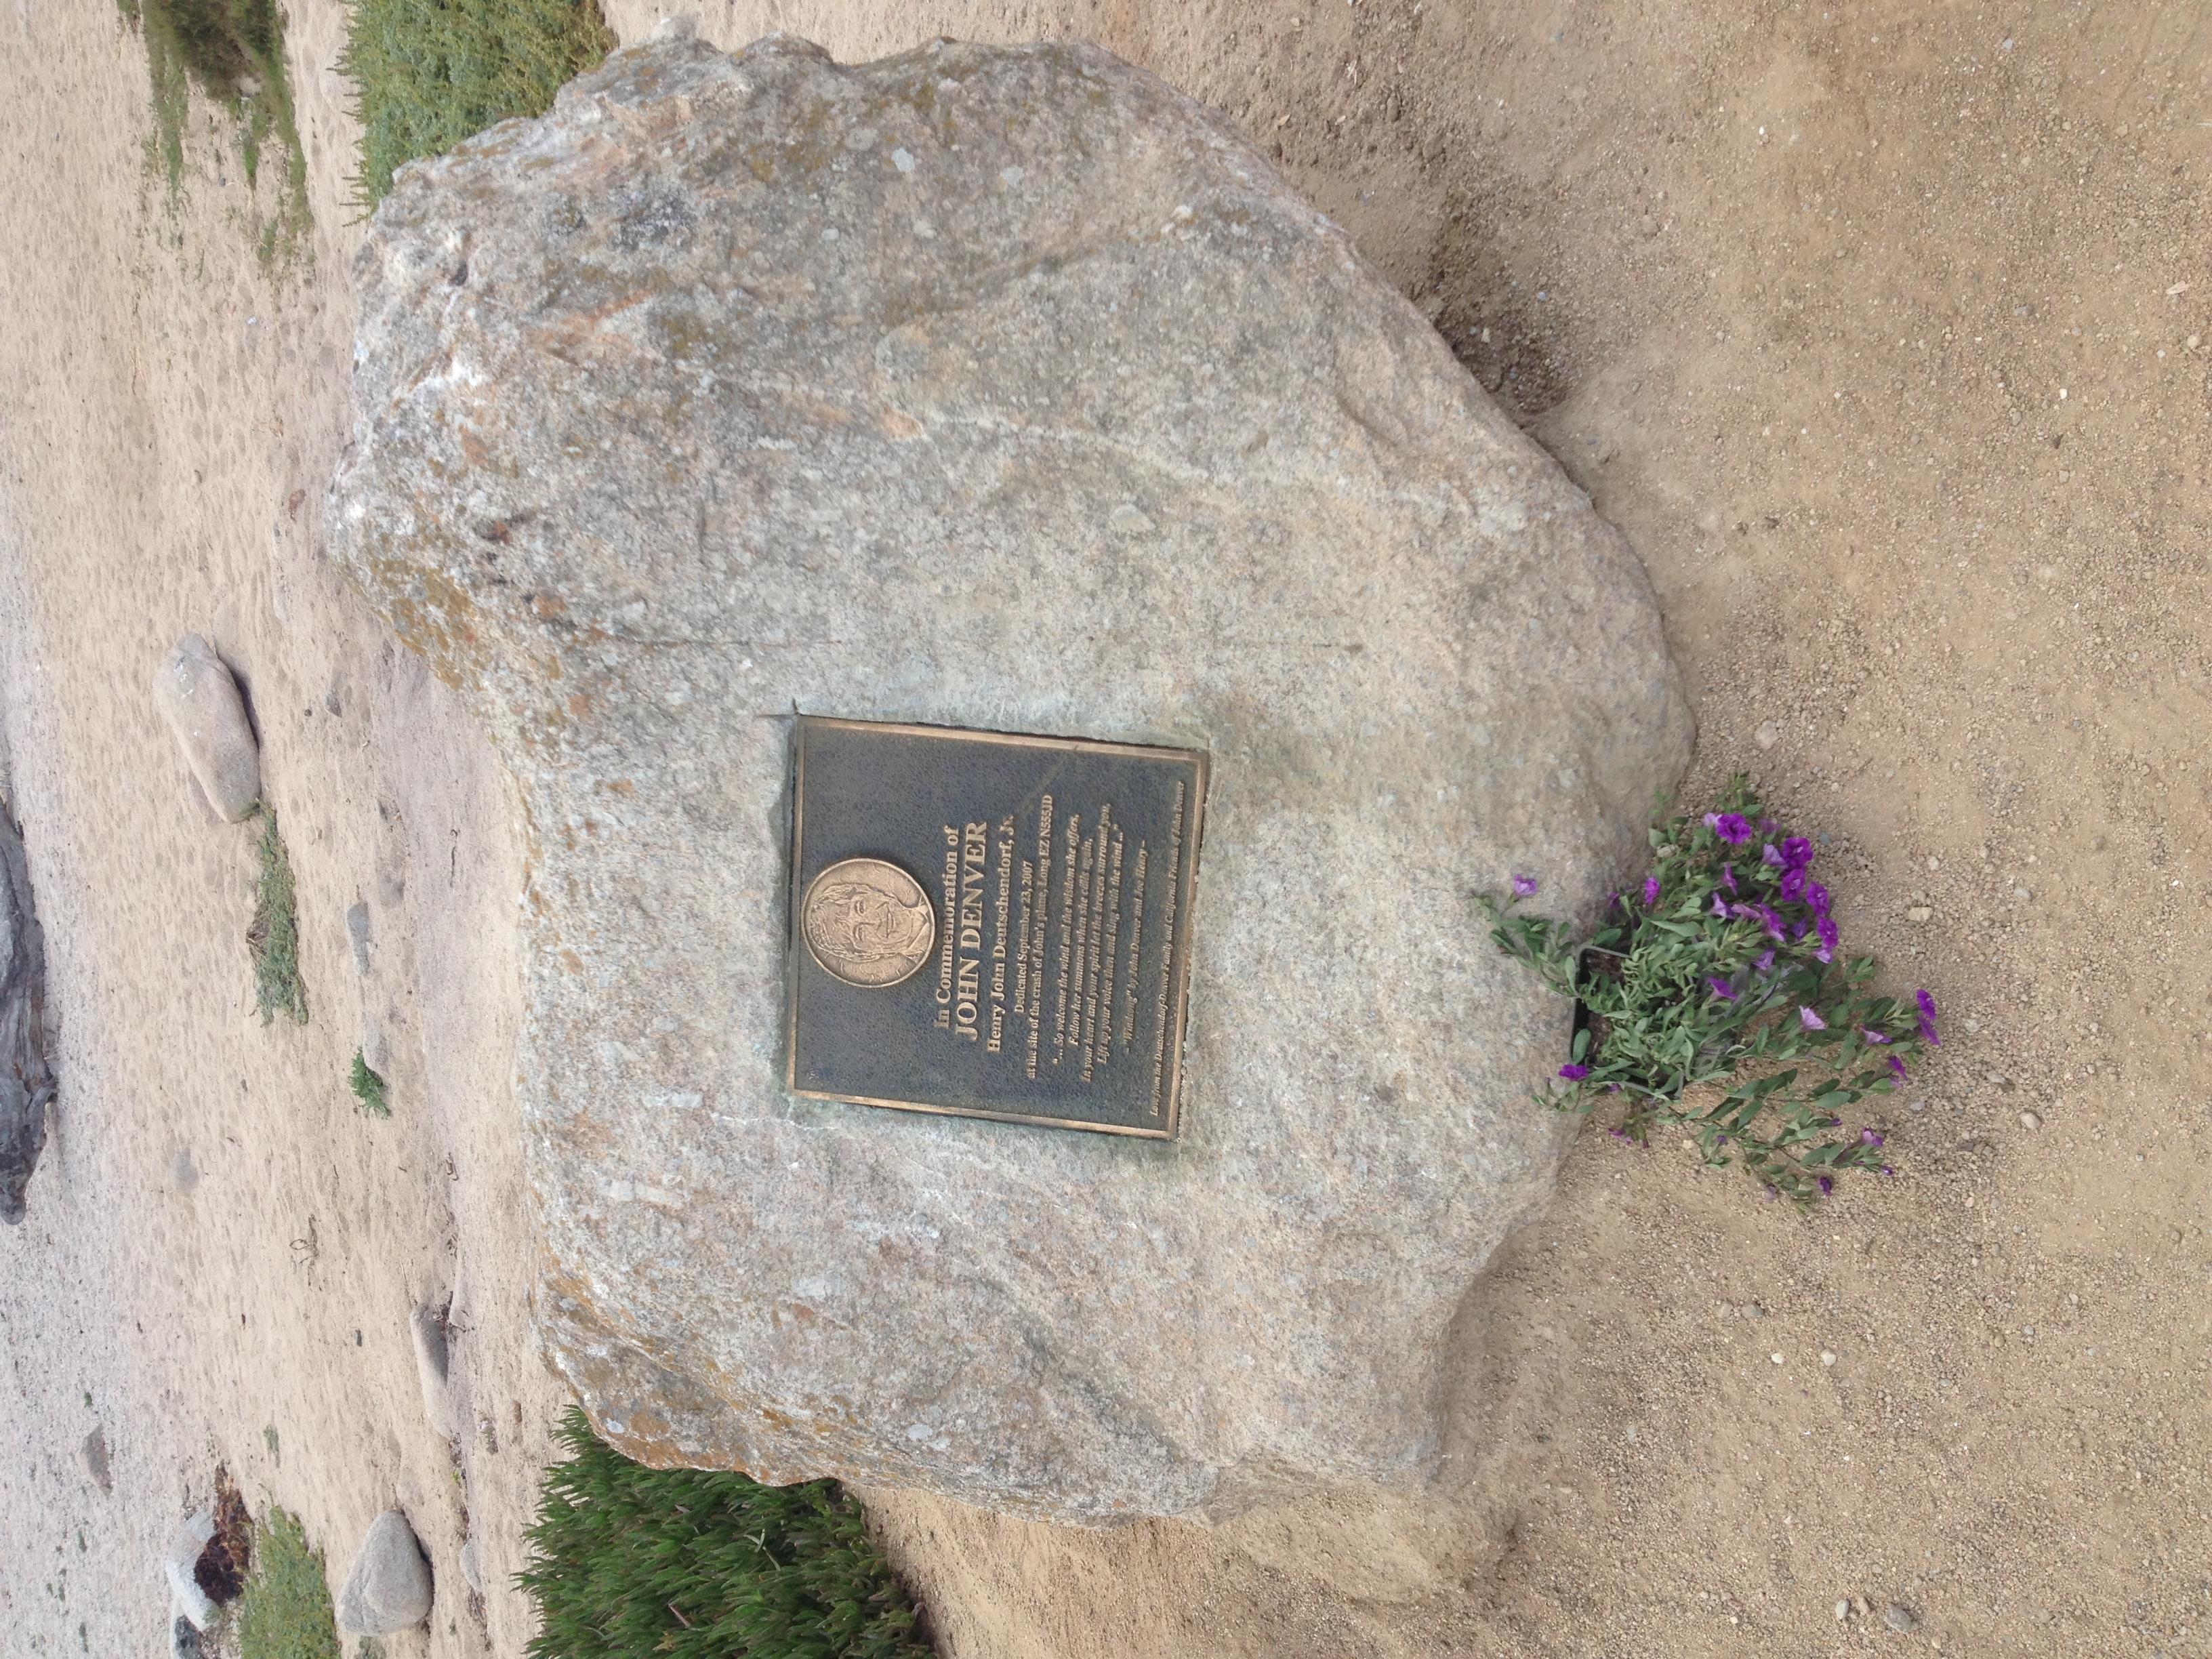 Placa conmemorativa a John Denver, en California.